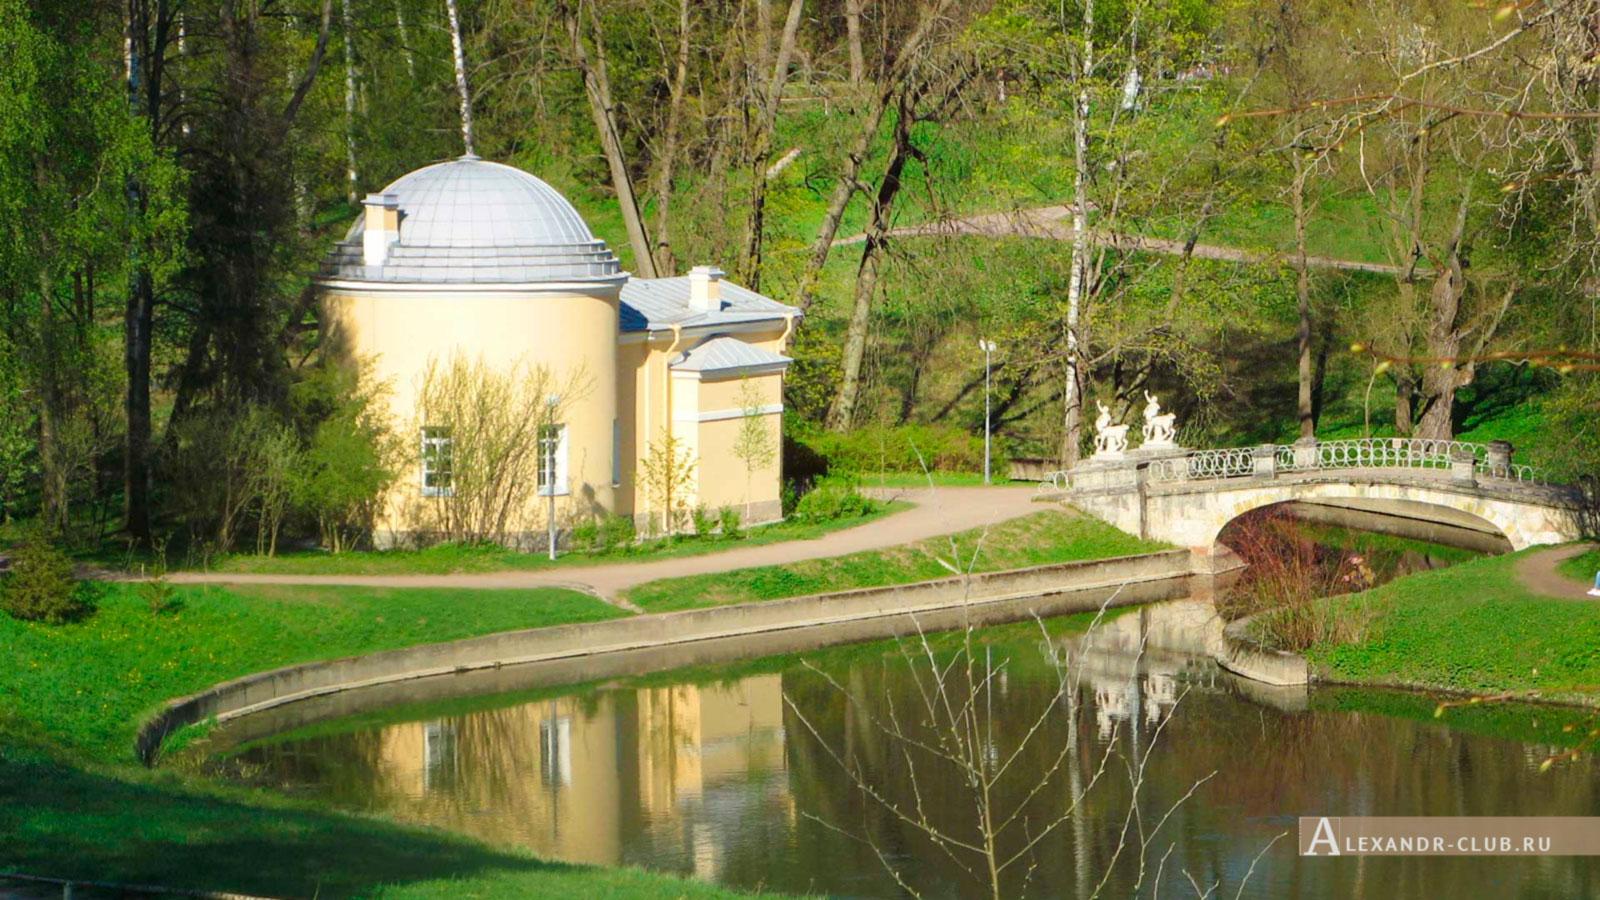 Павловский парк, весна, Мост Кентавров и Холодная баня – 2